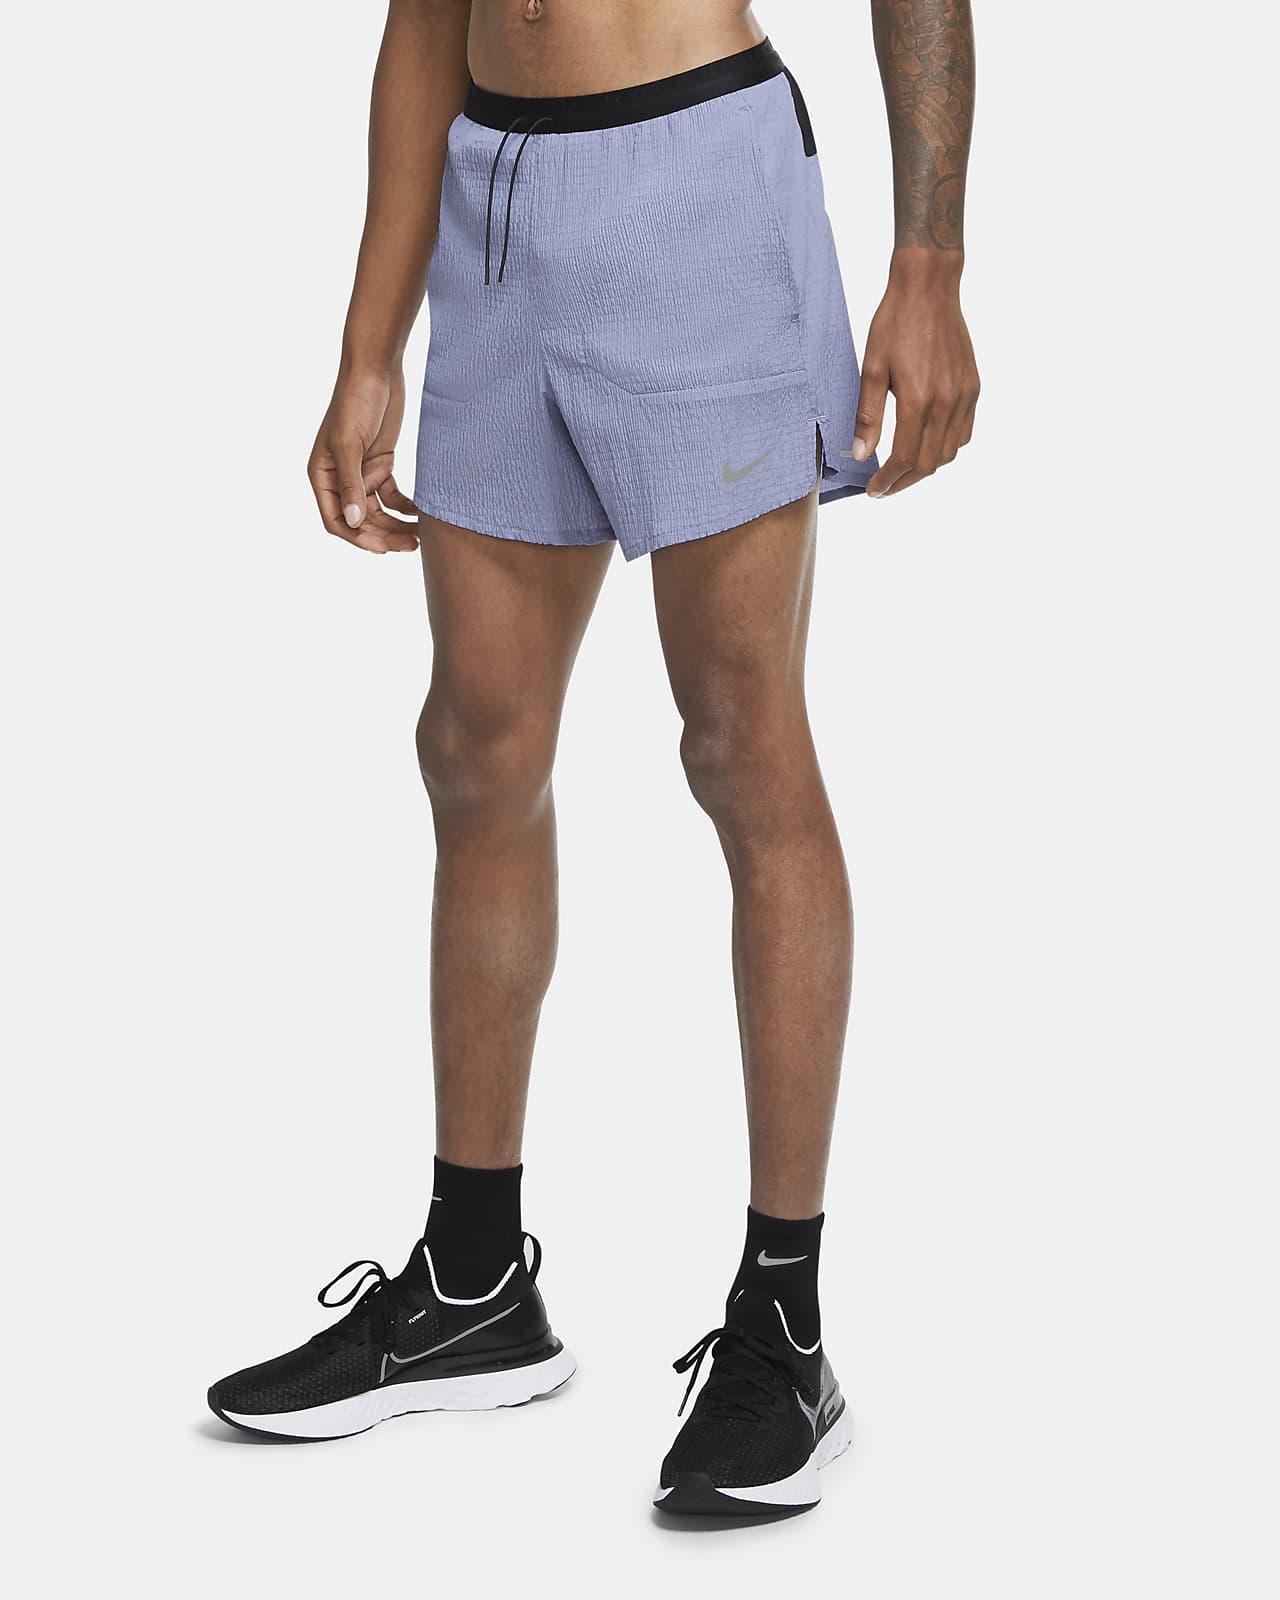 Calções de running Nike Flex Stride Run Division para homem